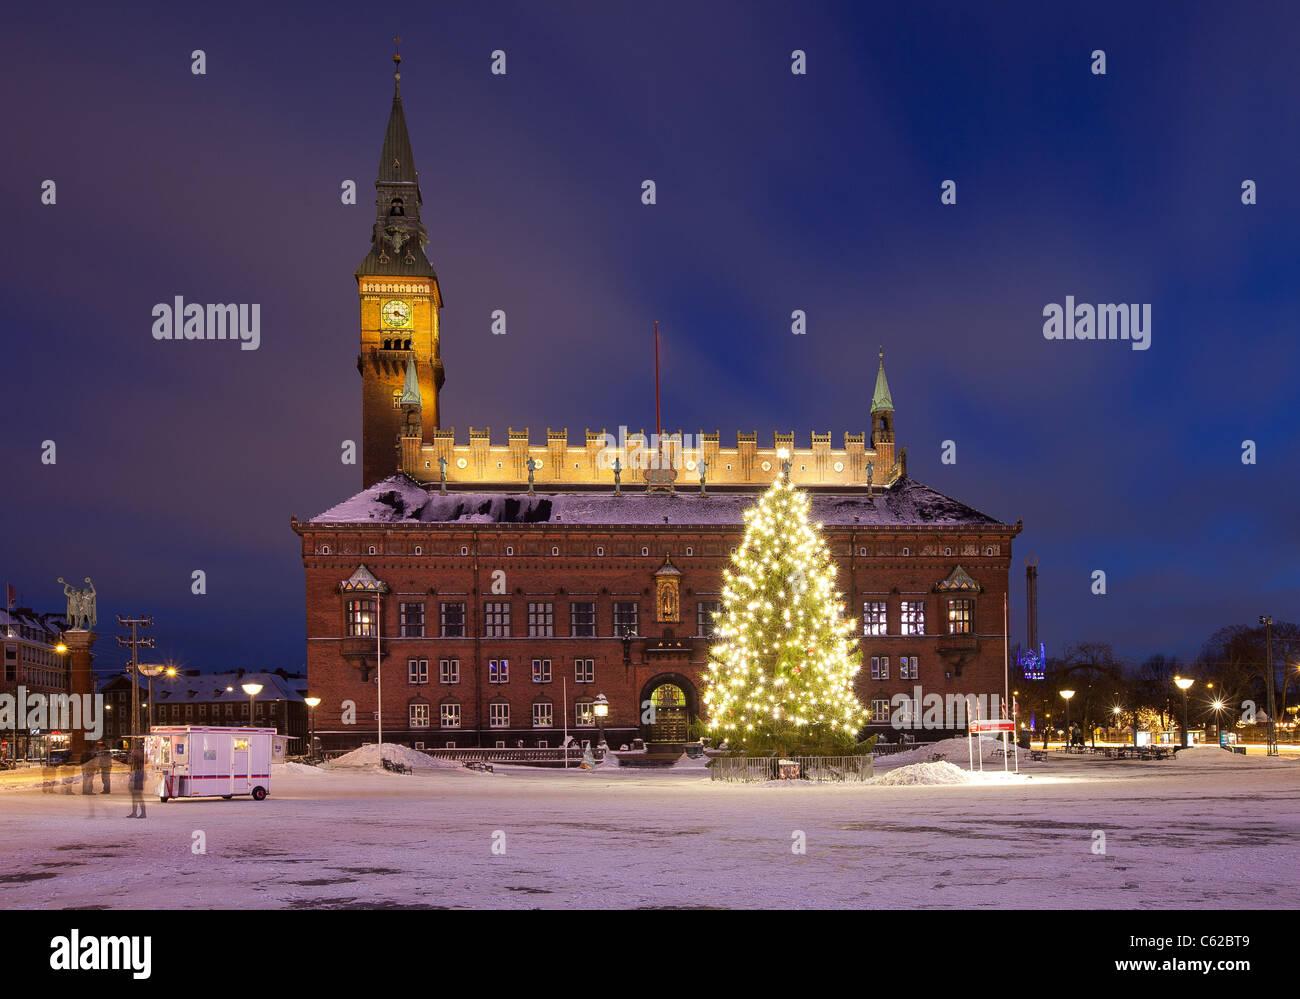 El Ayuntamiento de Copenhague en la noche antes de Navidad Imagen De Stock